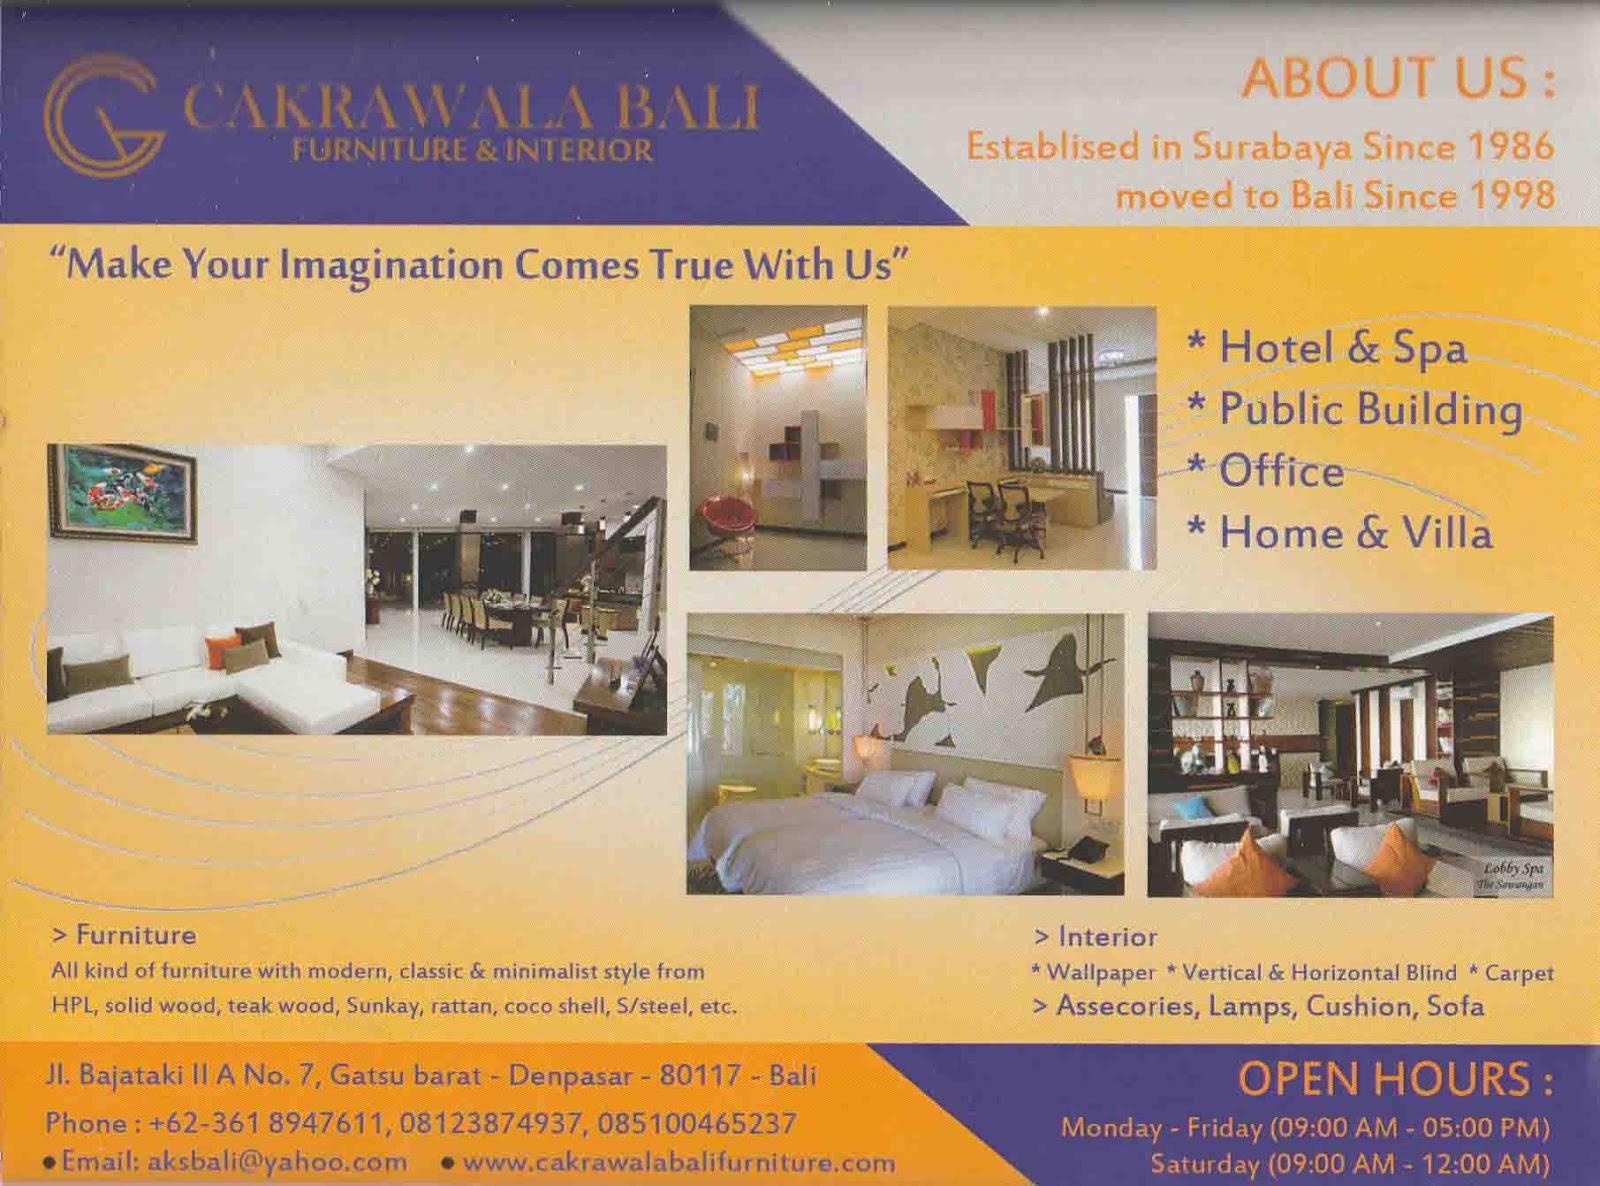 Toko Furniture Mebel Di Bali Angkasa Bali 03618947611 Di